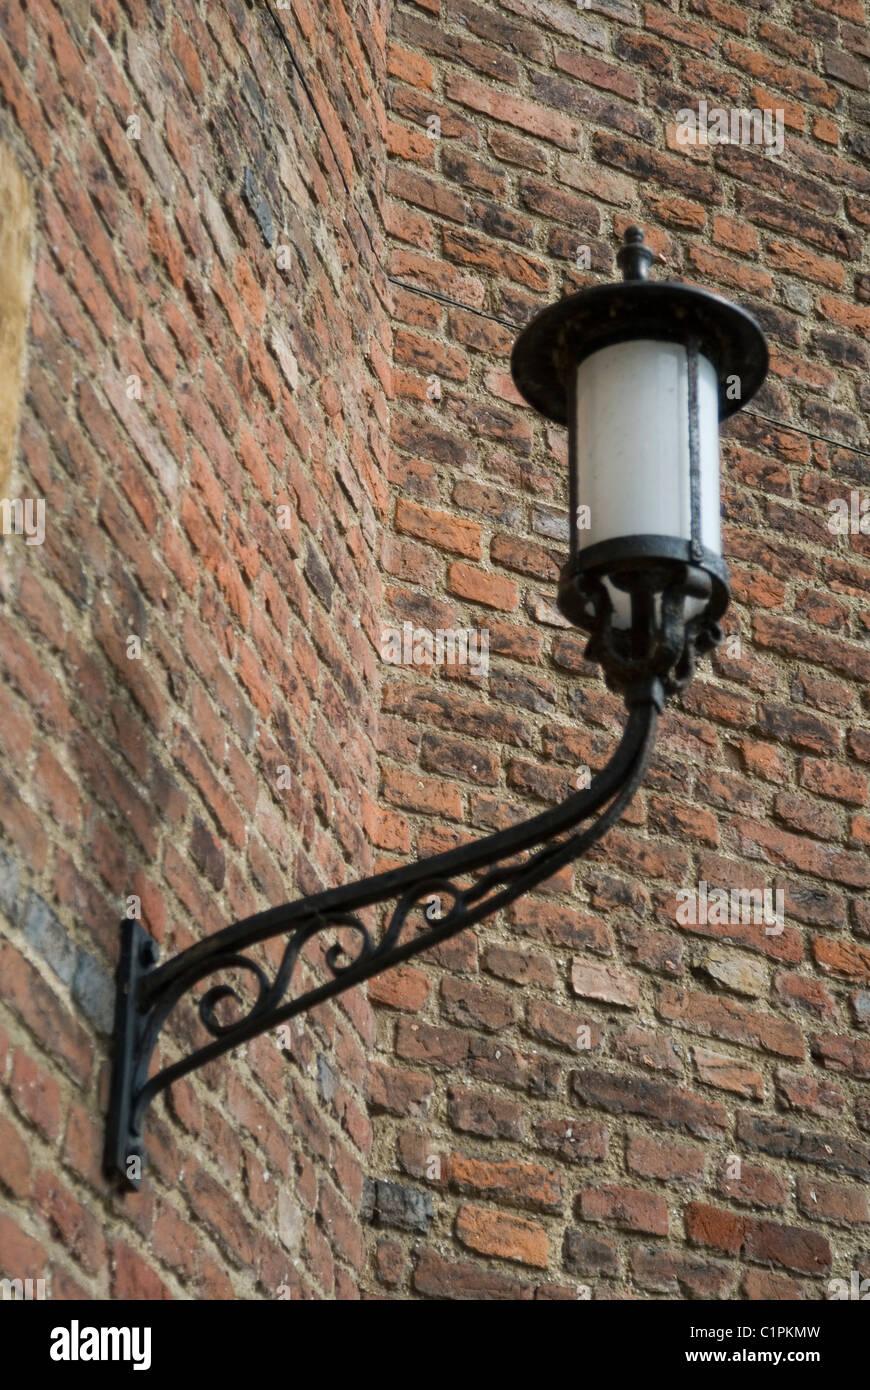 Inghilterra, Cambridge, lampada sul muro di mattoni Immagini Stock